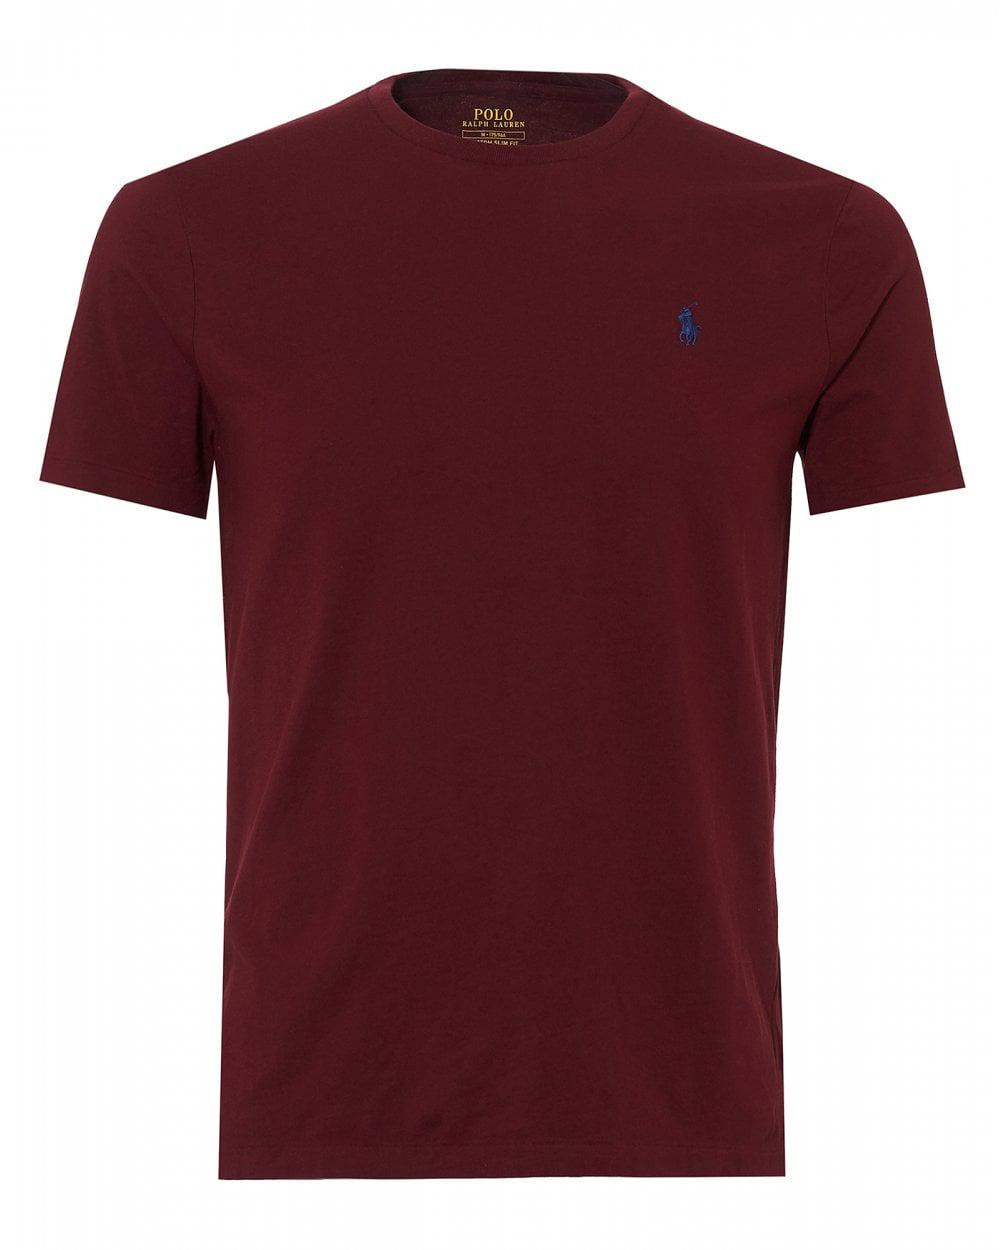 349dfb9d56827 Ralph Lauren Plain Jersey T-shirt